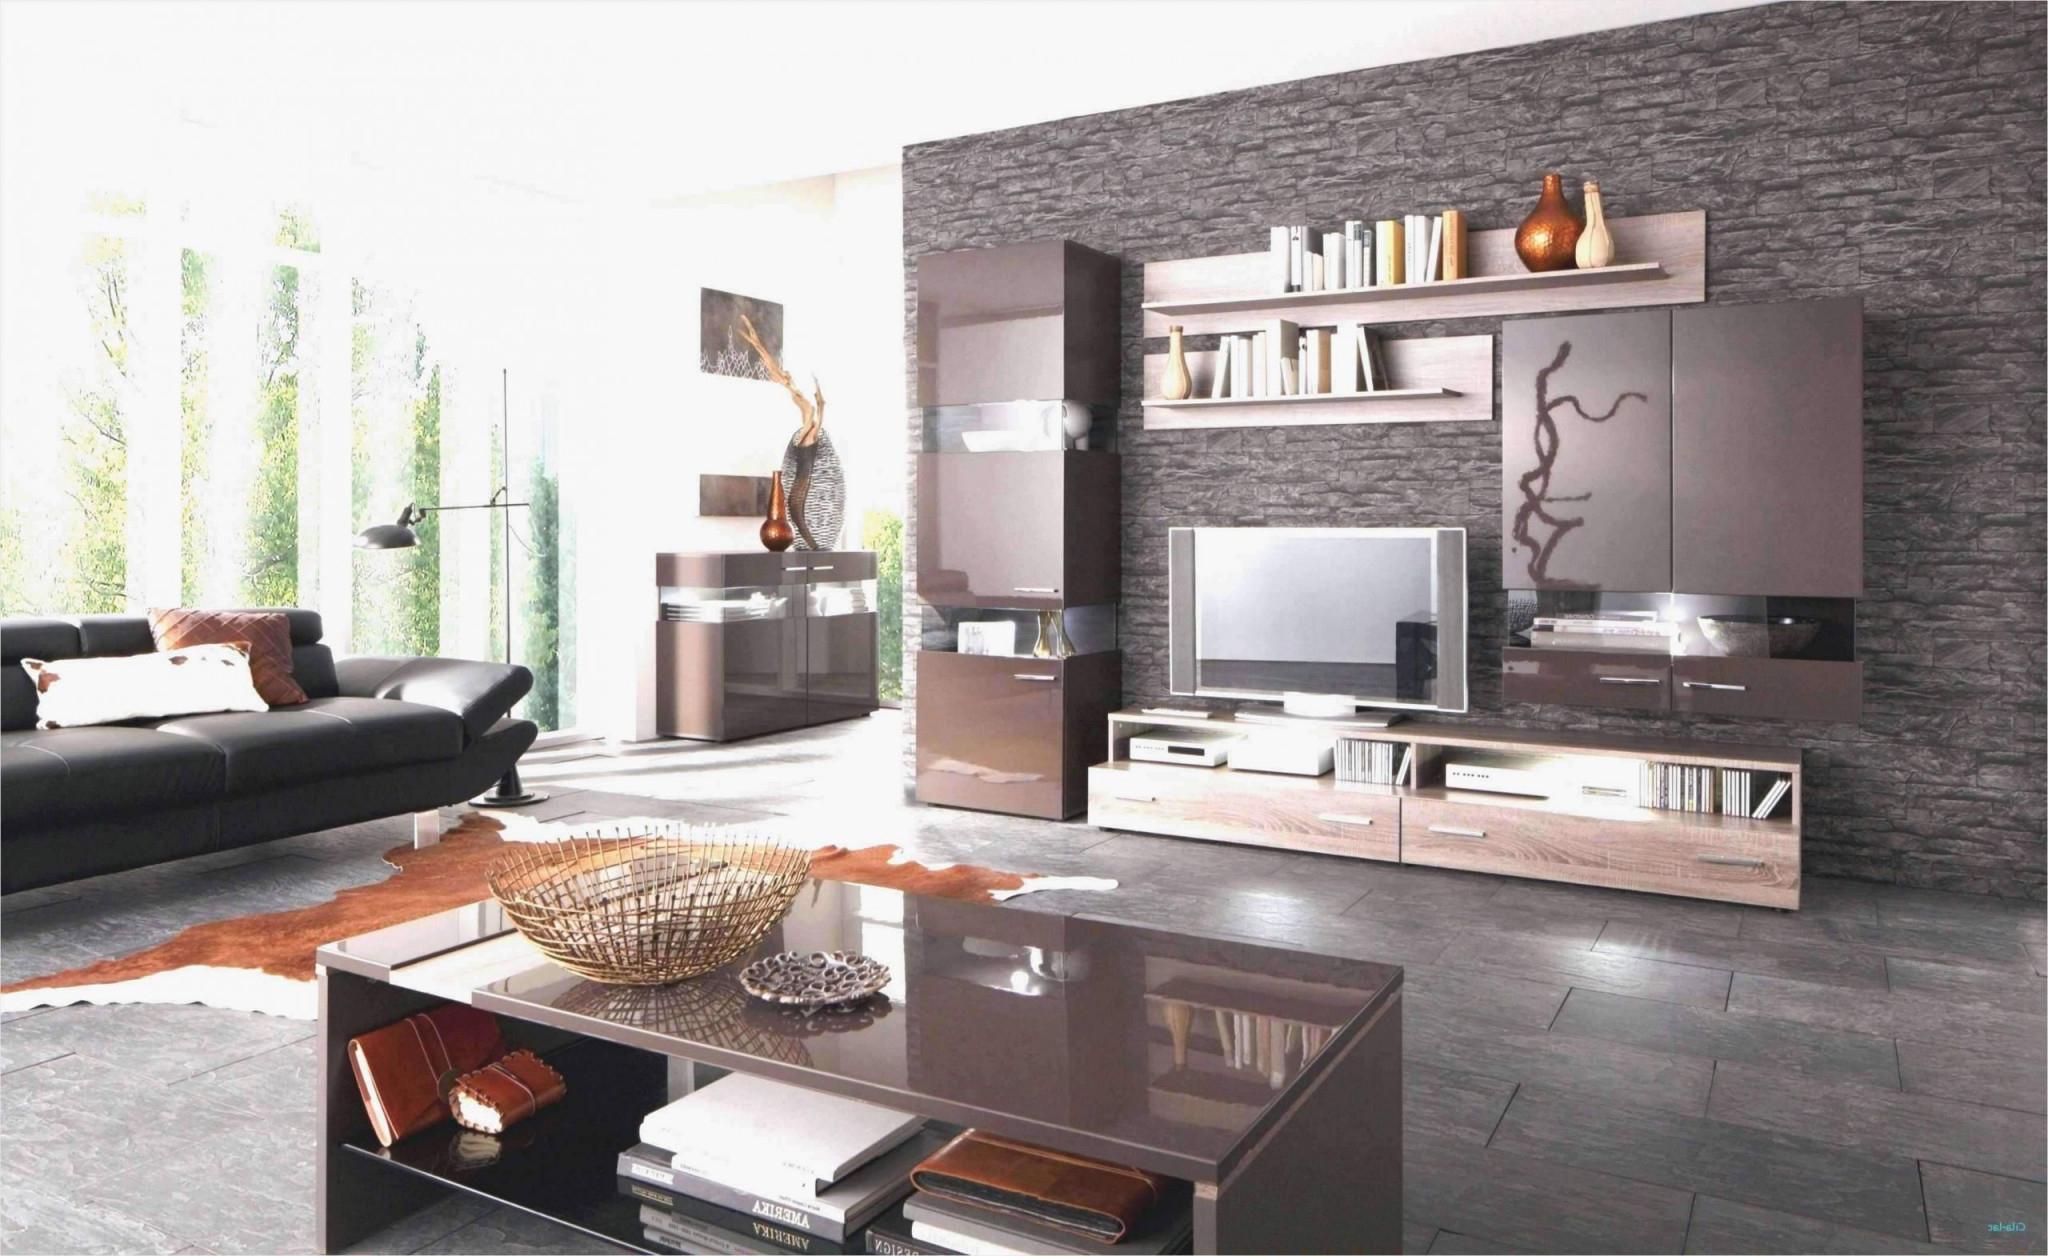 Wohnzimmer Einrichten Landhausstil Modern Reizend Reizend von Wohnzimmer Einrichten Landhausstil Modern Bild